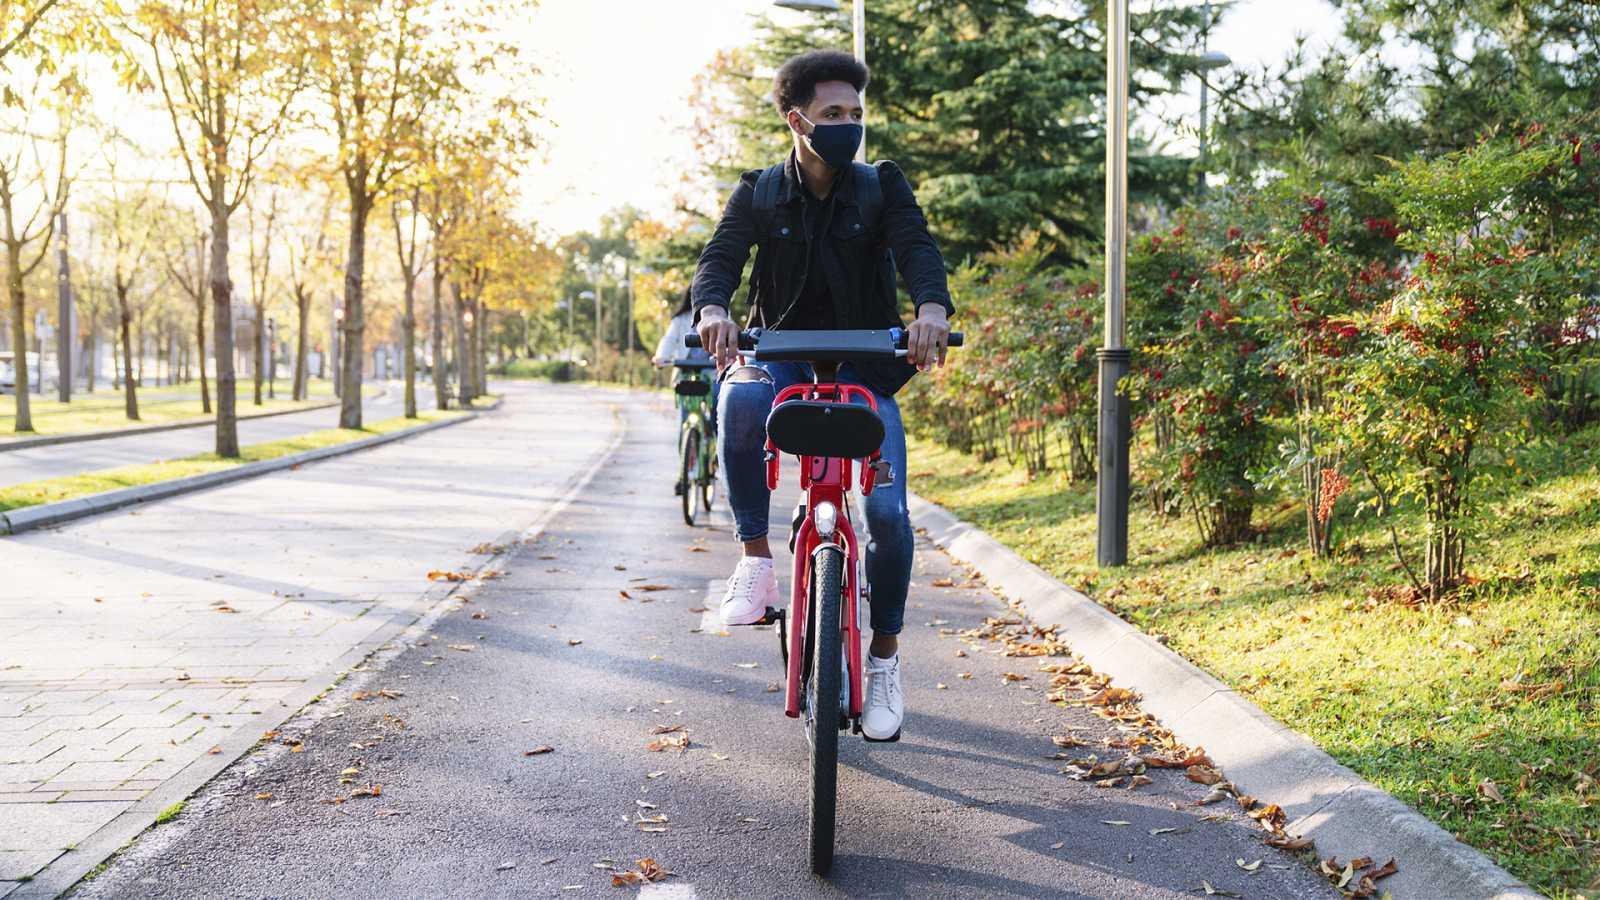 Movilidad y pandemia: el miedo lastra el transporte privado frente al público, pero las bicis ganan terreno